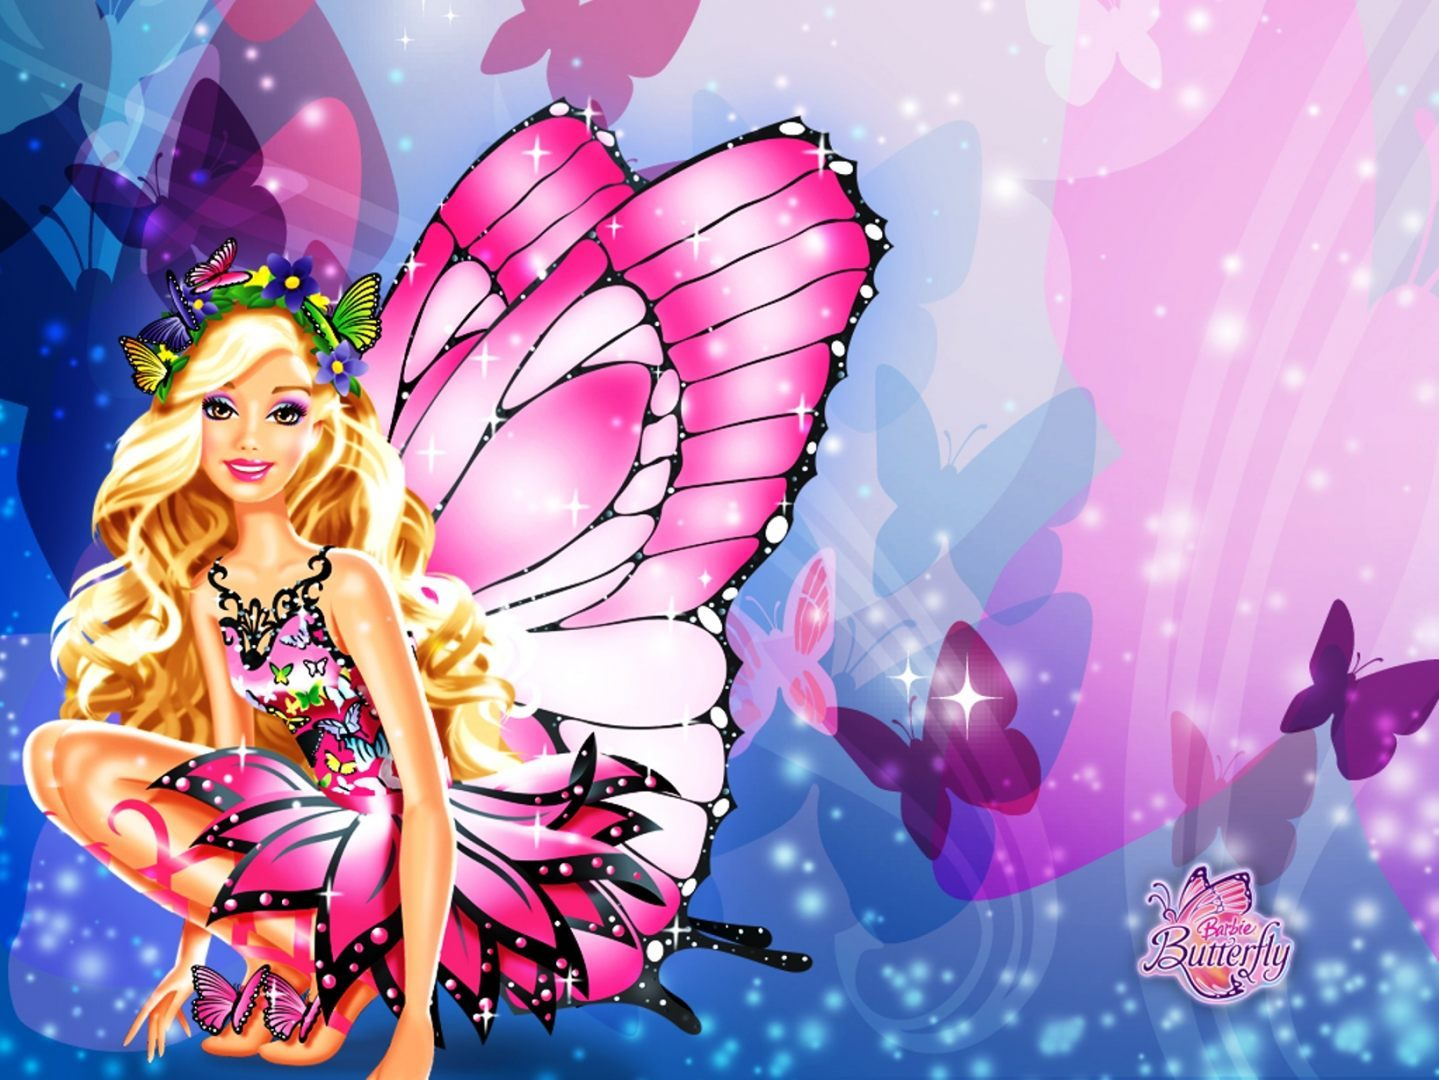 Barbie mariposa :: Imágenes y fotos